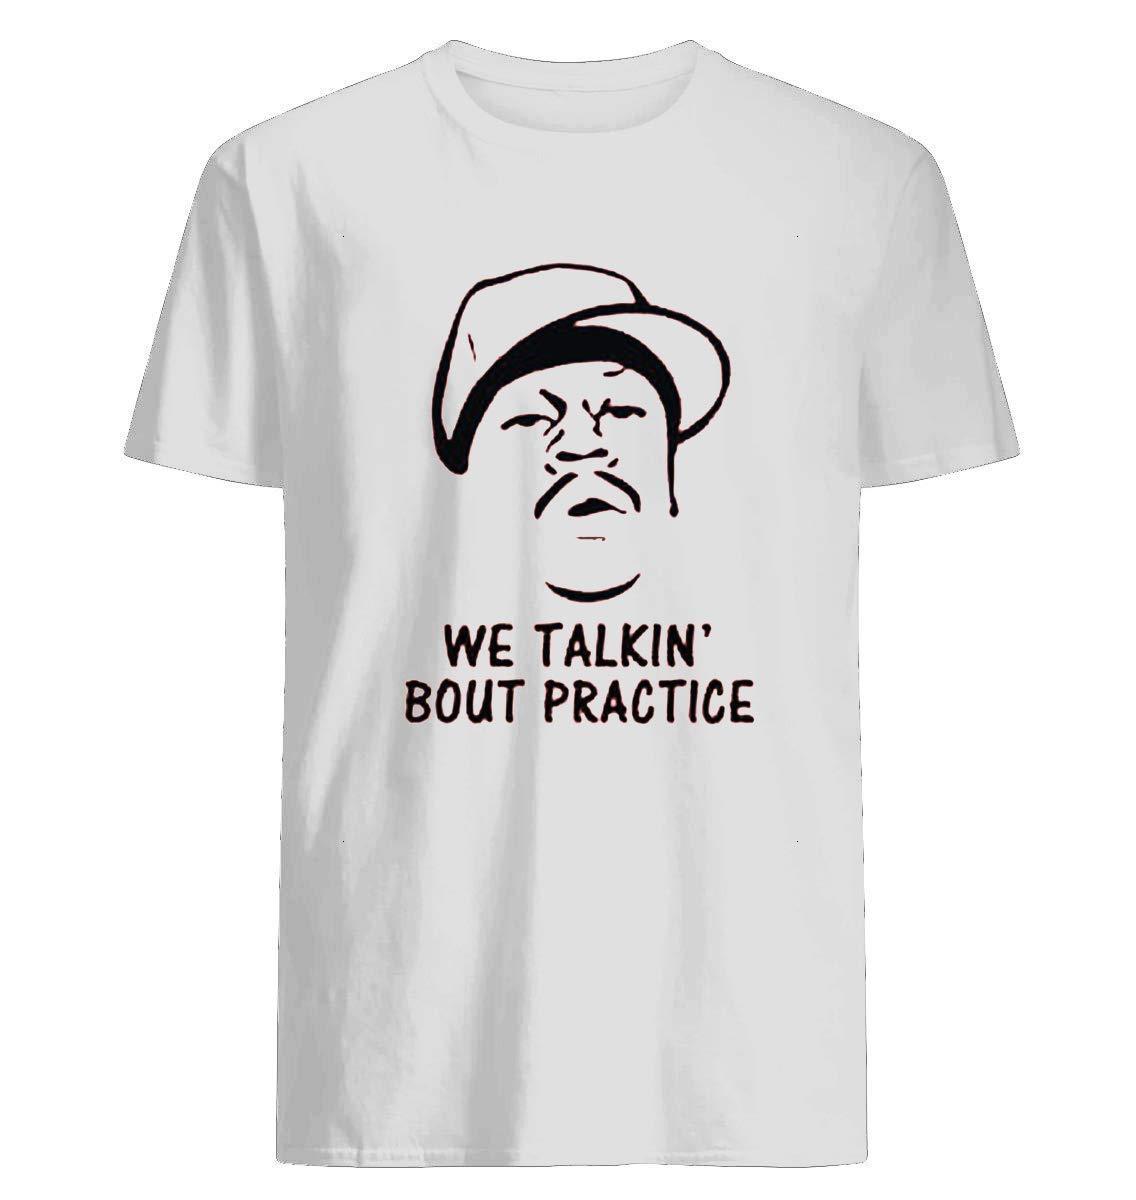 89810b6ba Amazon.com: Allen-Iverson-Practice-50-T-shirt hoodie for men women: Handmade